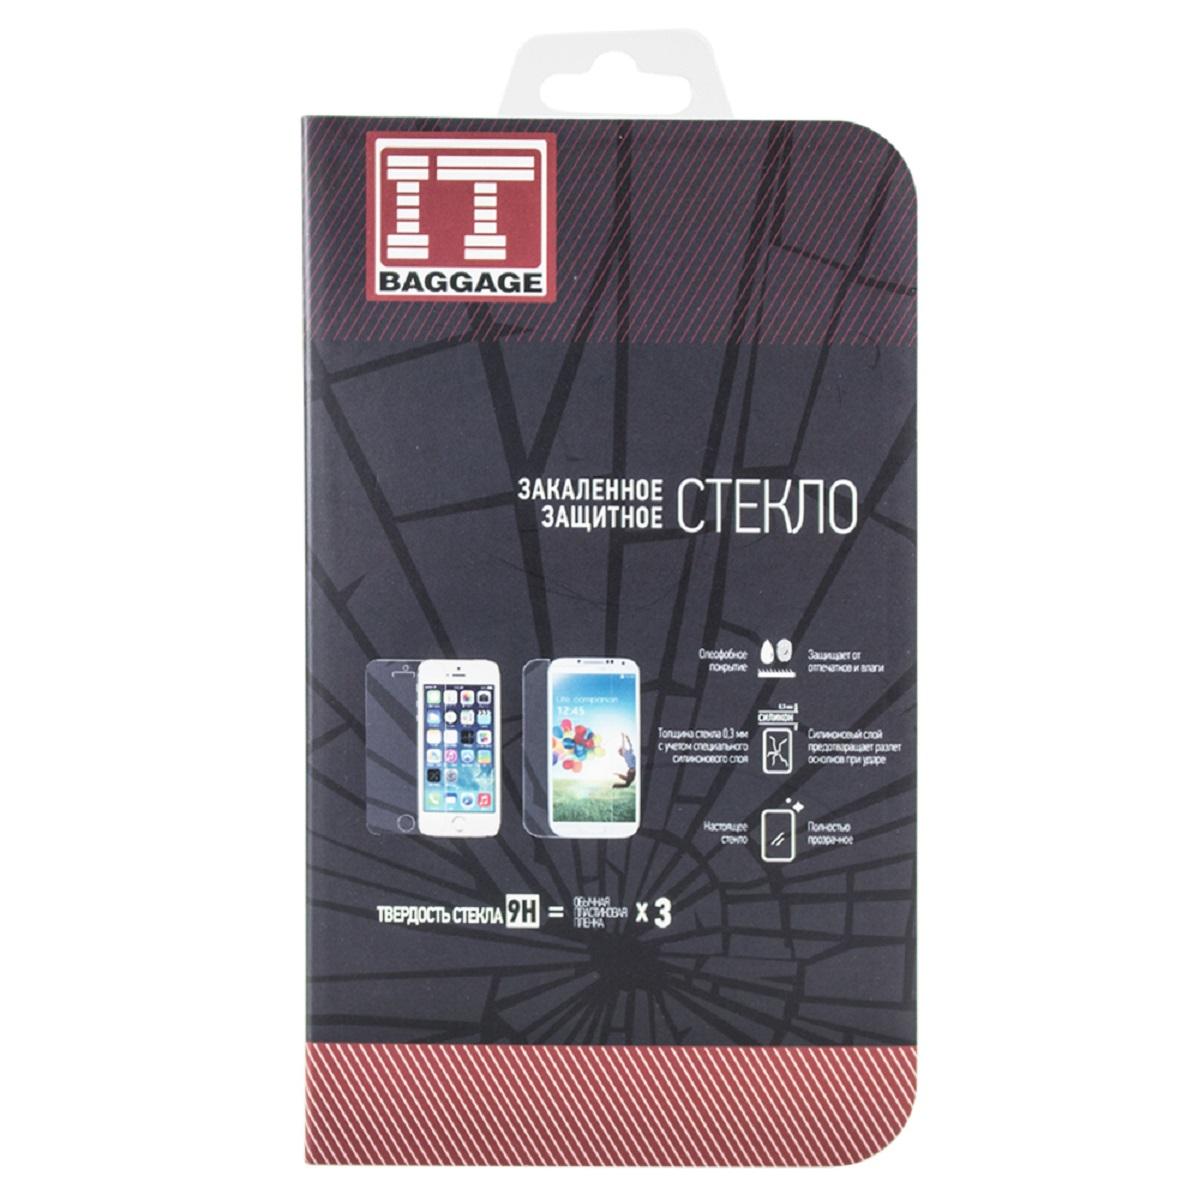 IT Baggage защитное стекло для Asus ZenFone 3 ZE520KLITASZE520KLSЗащитное стекло IT BAGGAGE надежно защищает смартфон от случайных ударов и царапин, а так же от внешних воздействий, грязи, пыли.